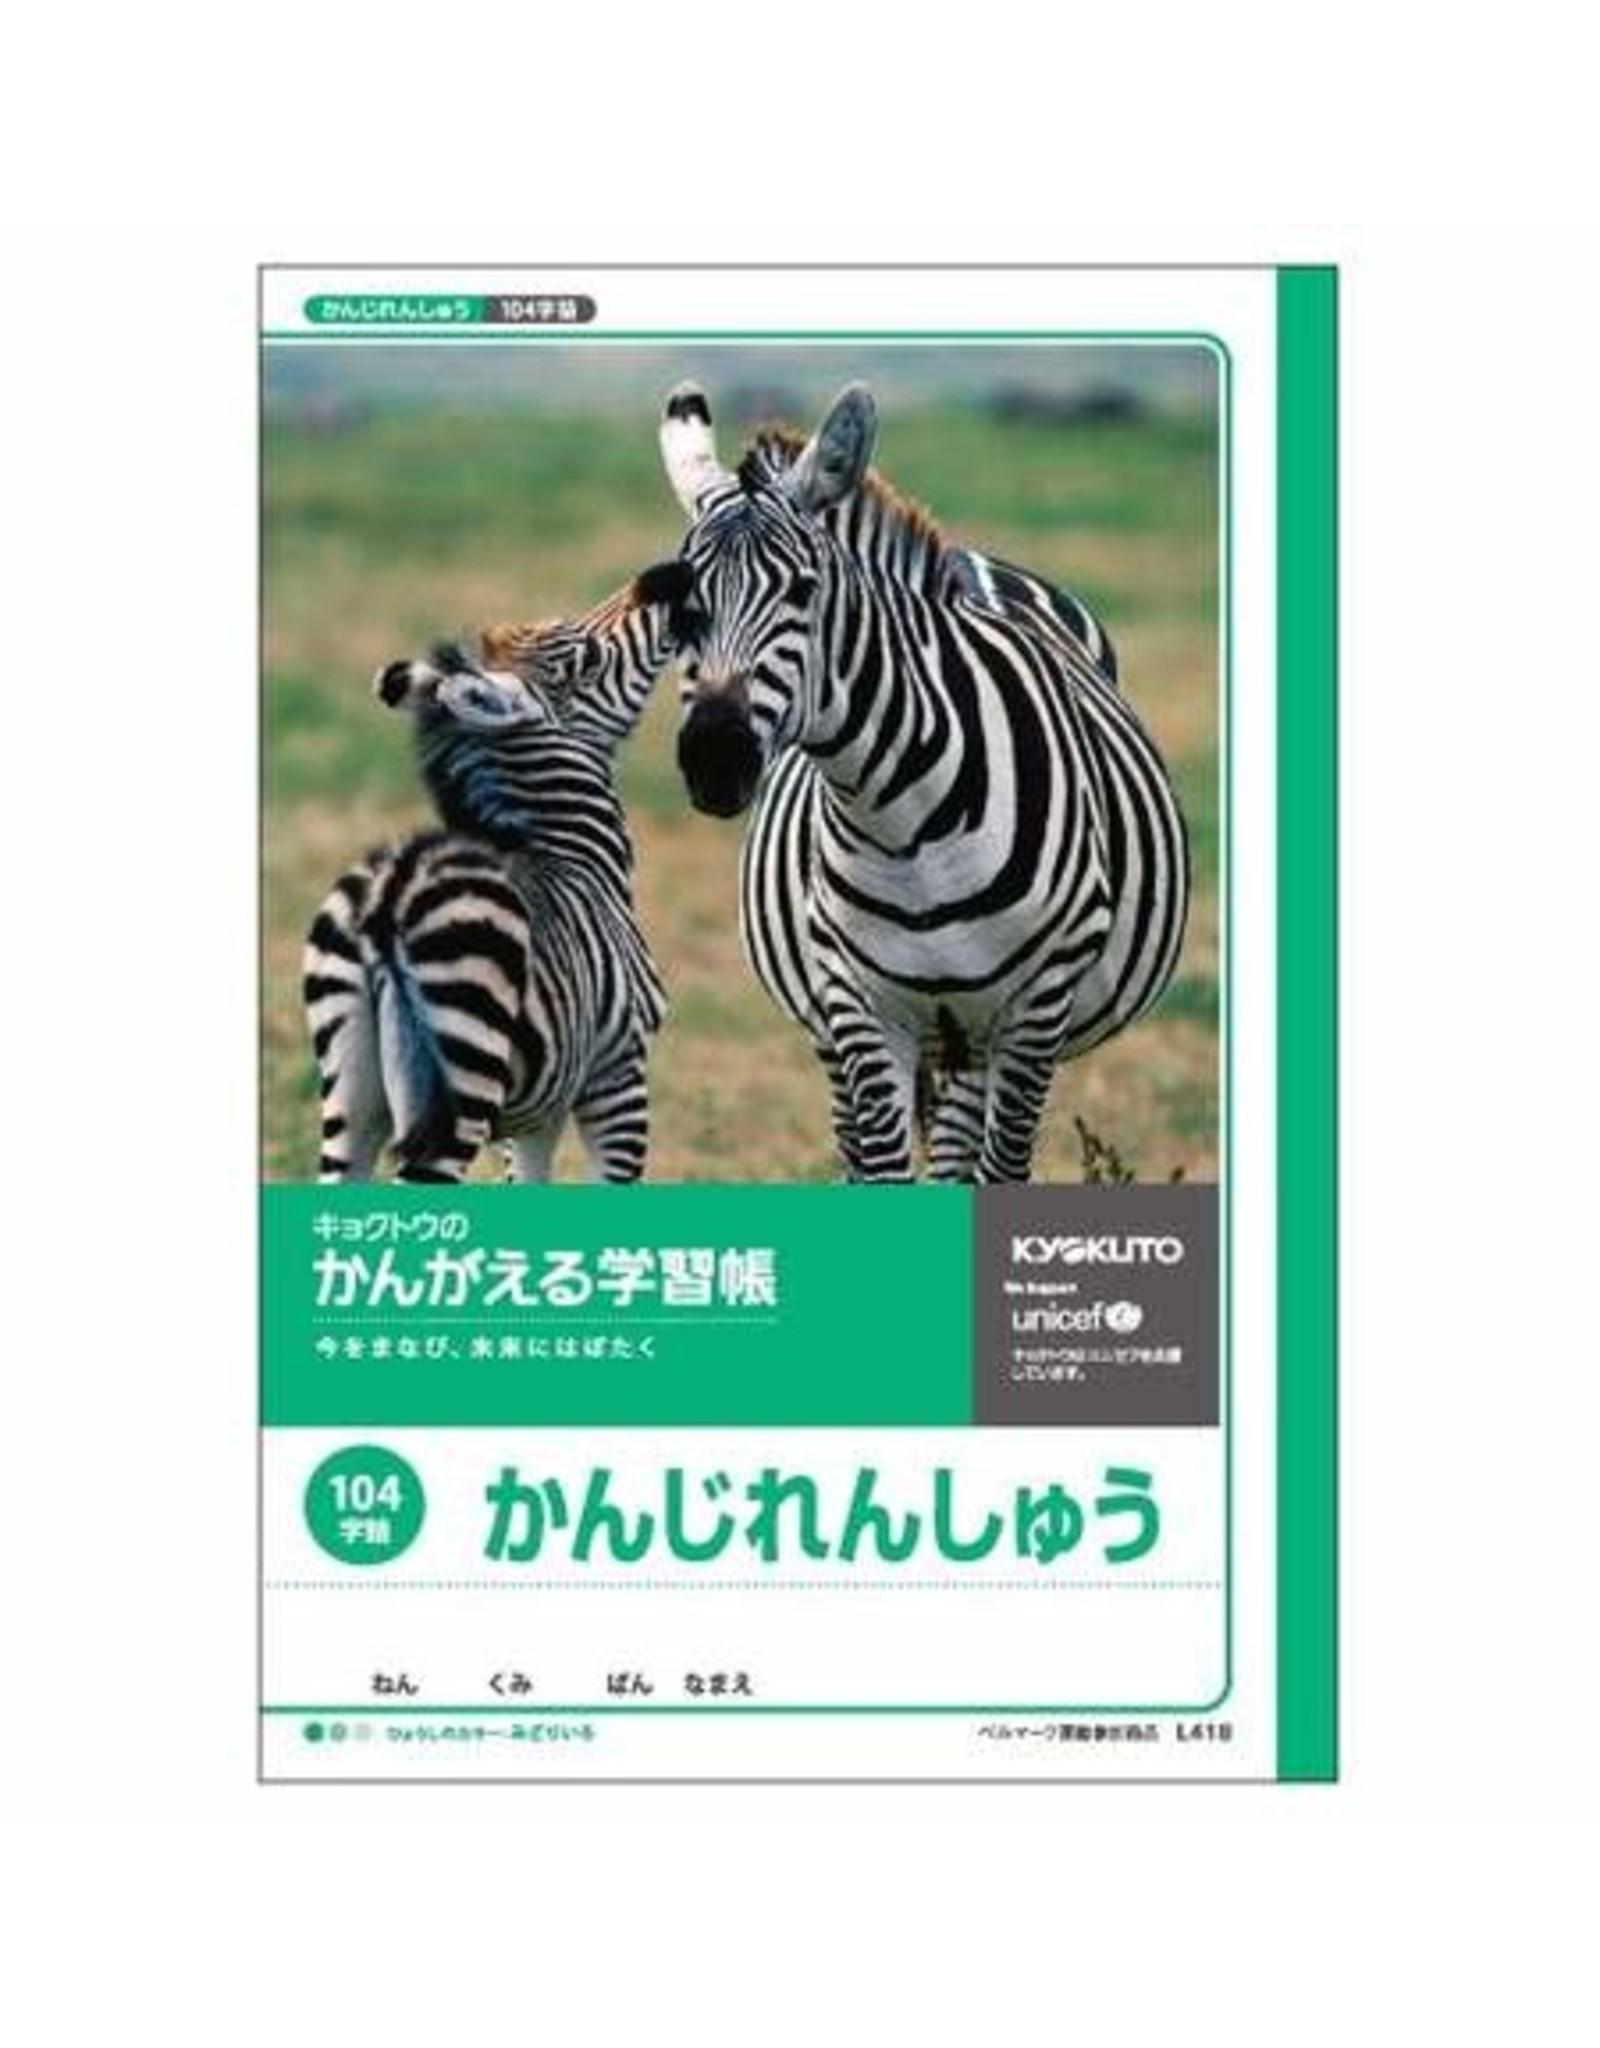 Kyokuto Associates co., ltd. STUDY NOTEBOOK KOKUGO KANJI RENSHUCHO 104 CHARACTERS